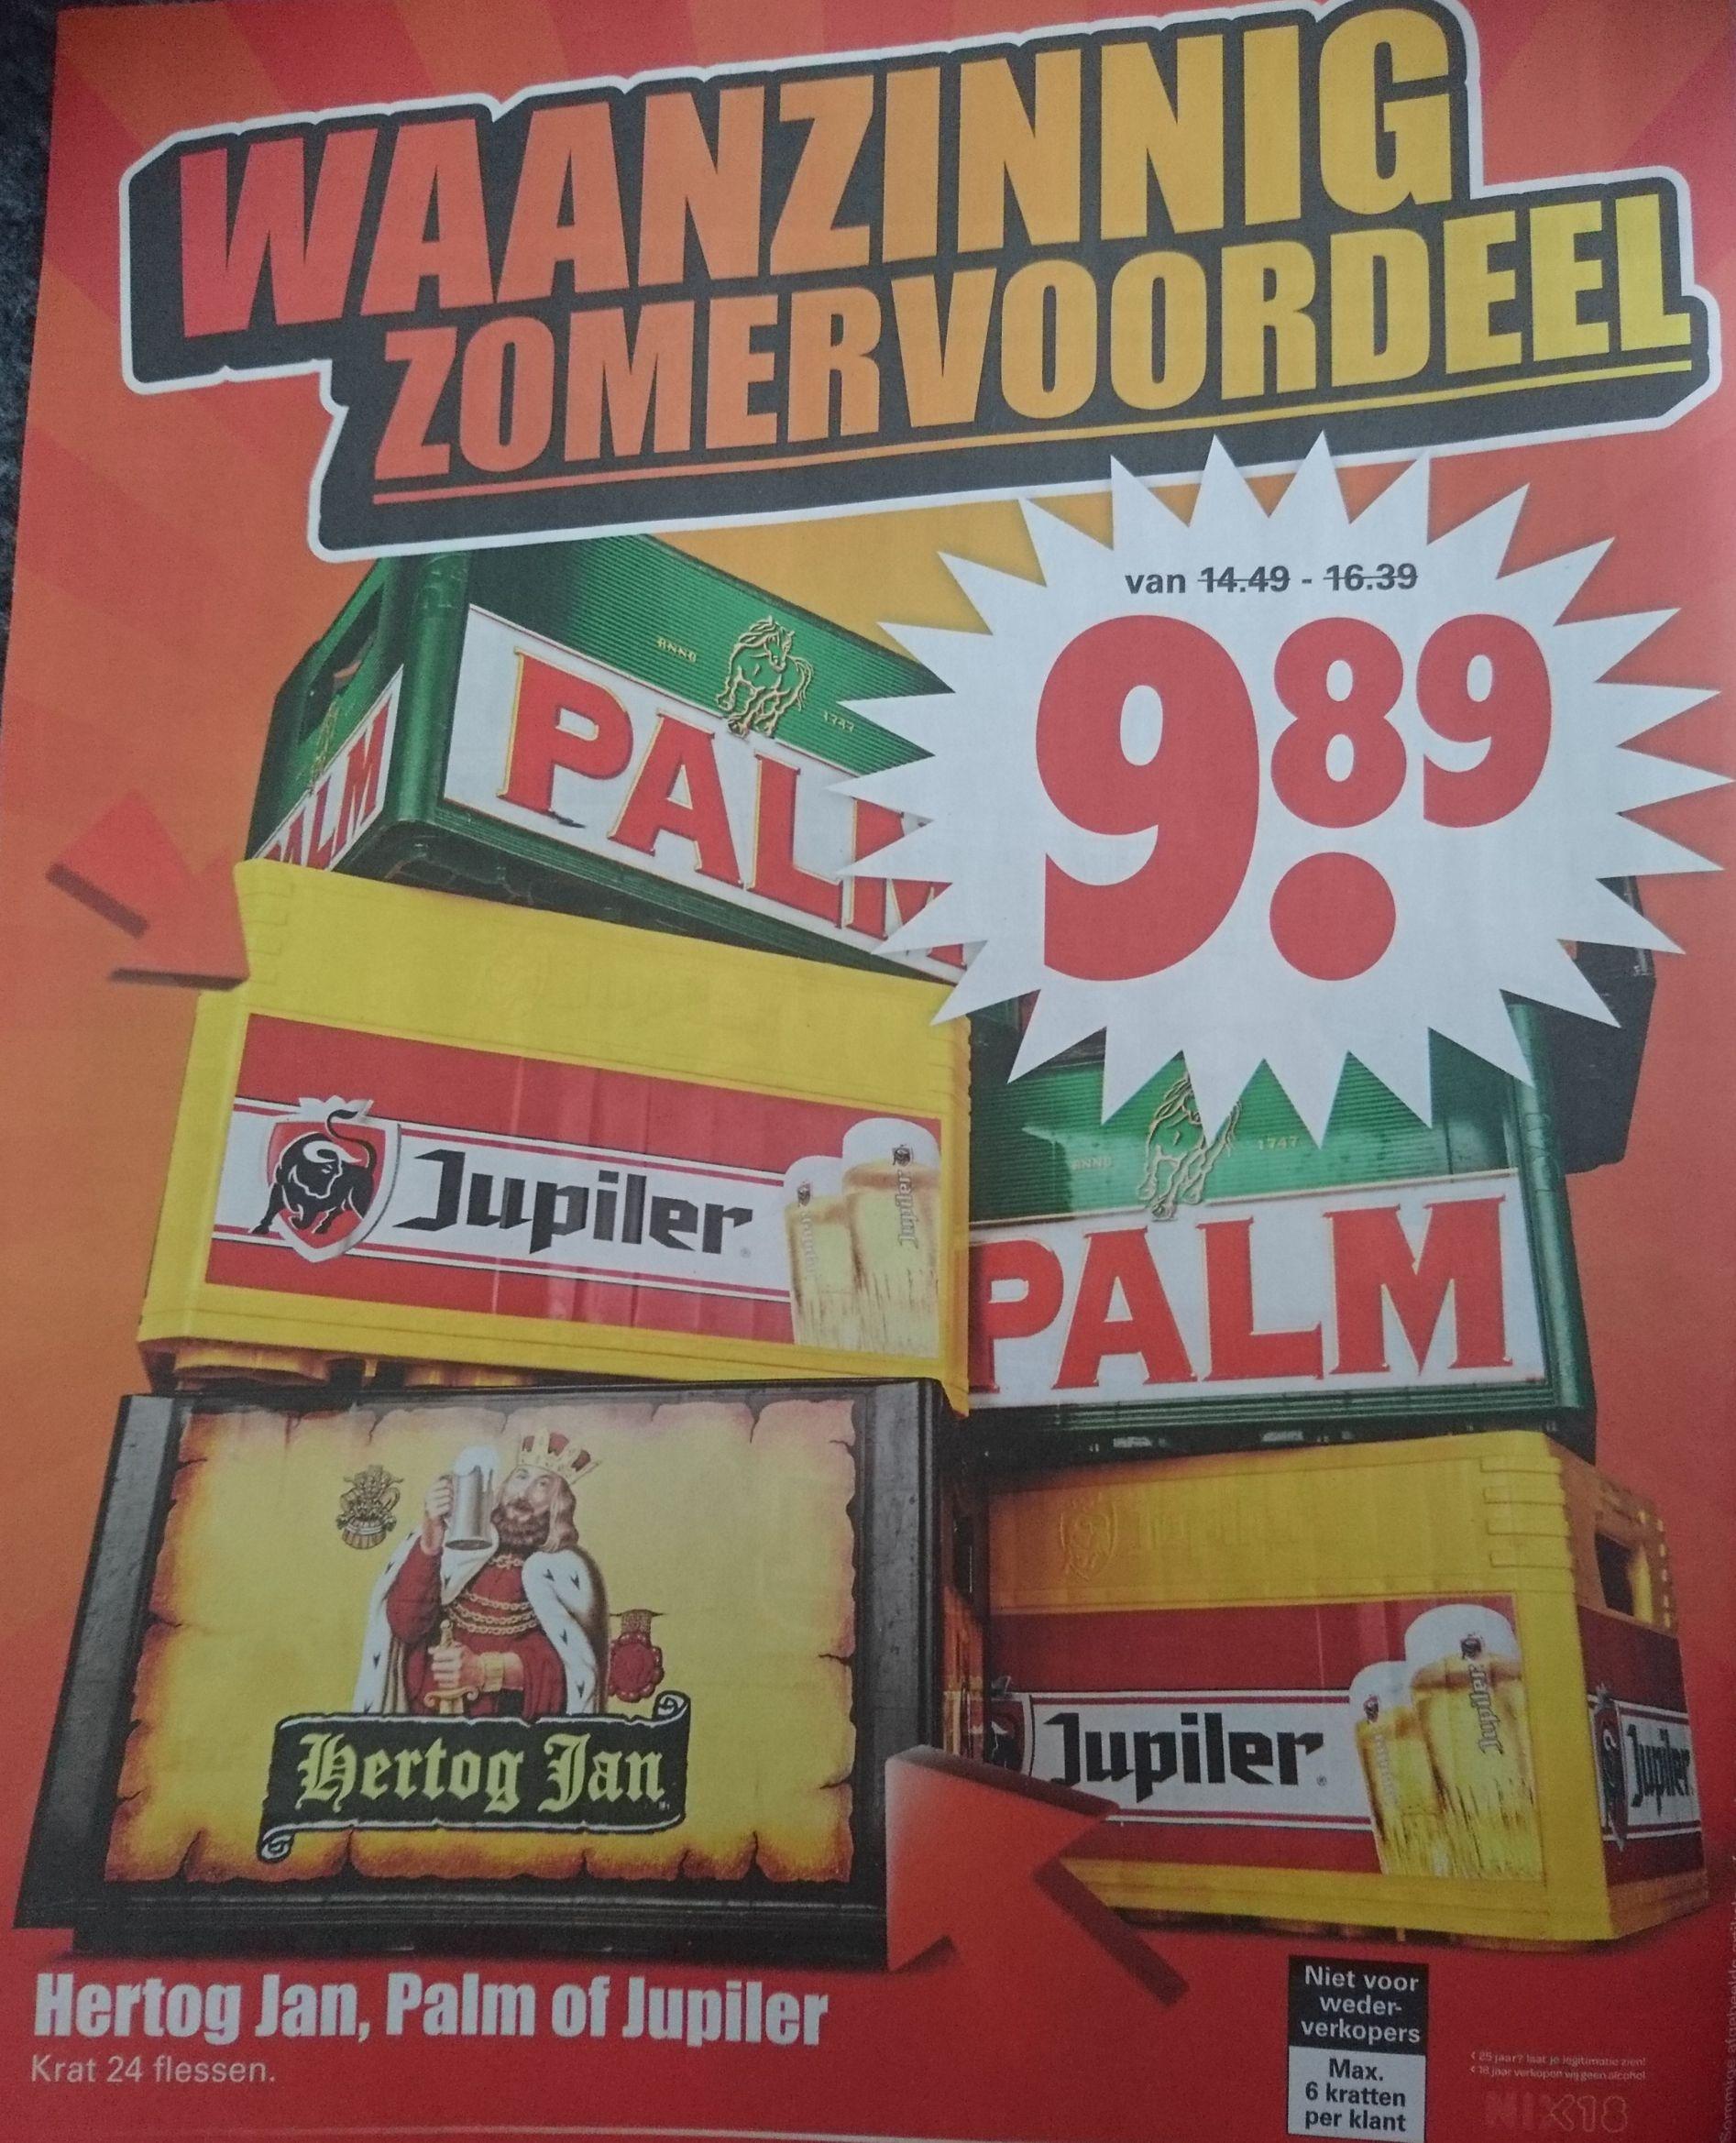 Krat Hertog Jan, Palm of Jupiler